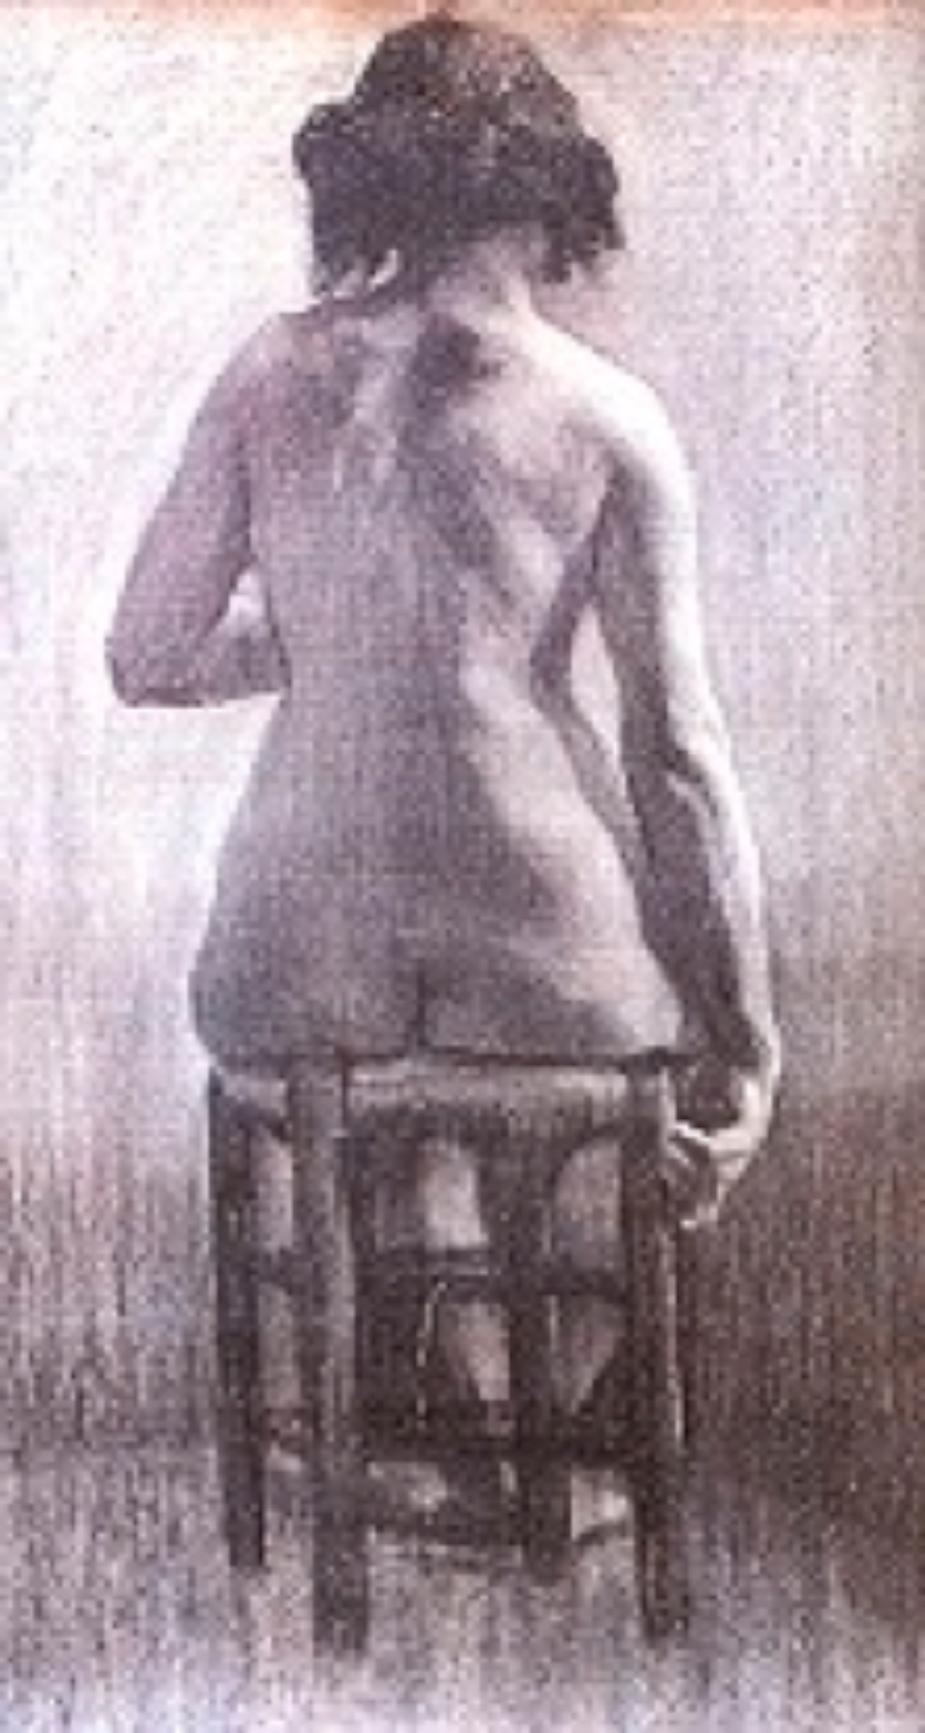 Nü, desen kağıt üzerine füzen Cormon Atölyesi, 65x50 cm (Edip Onat Koleksiyonu)